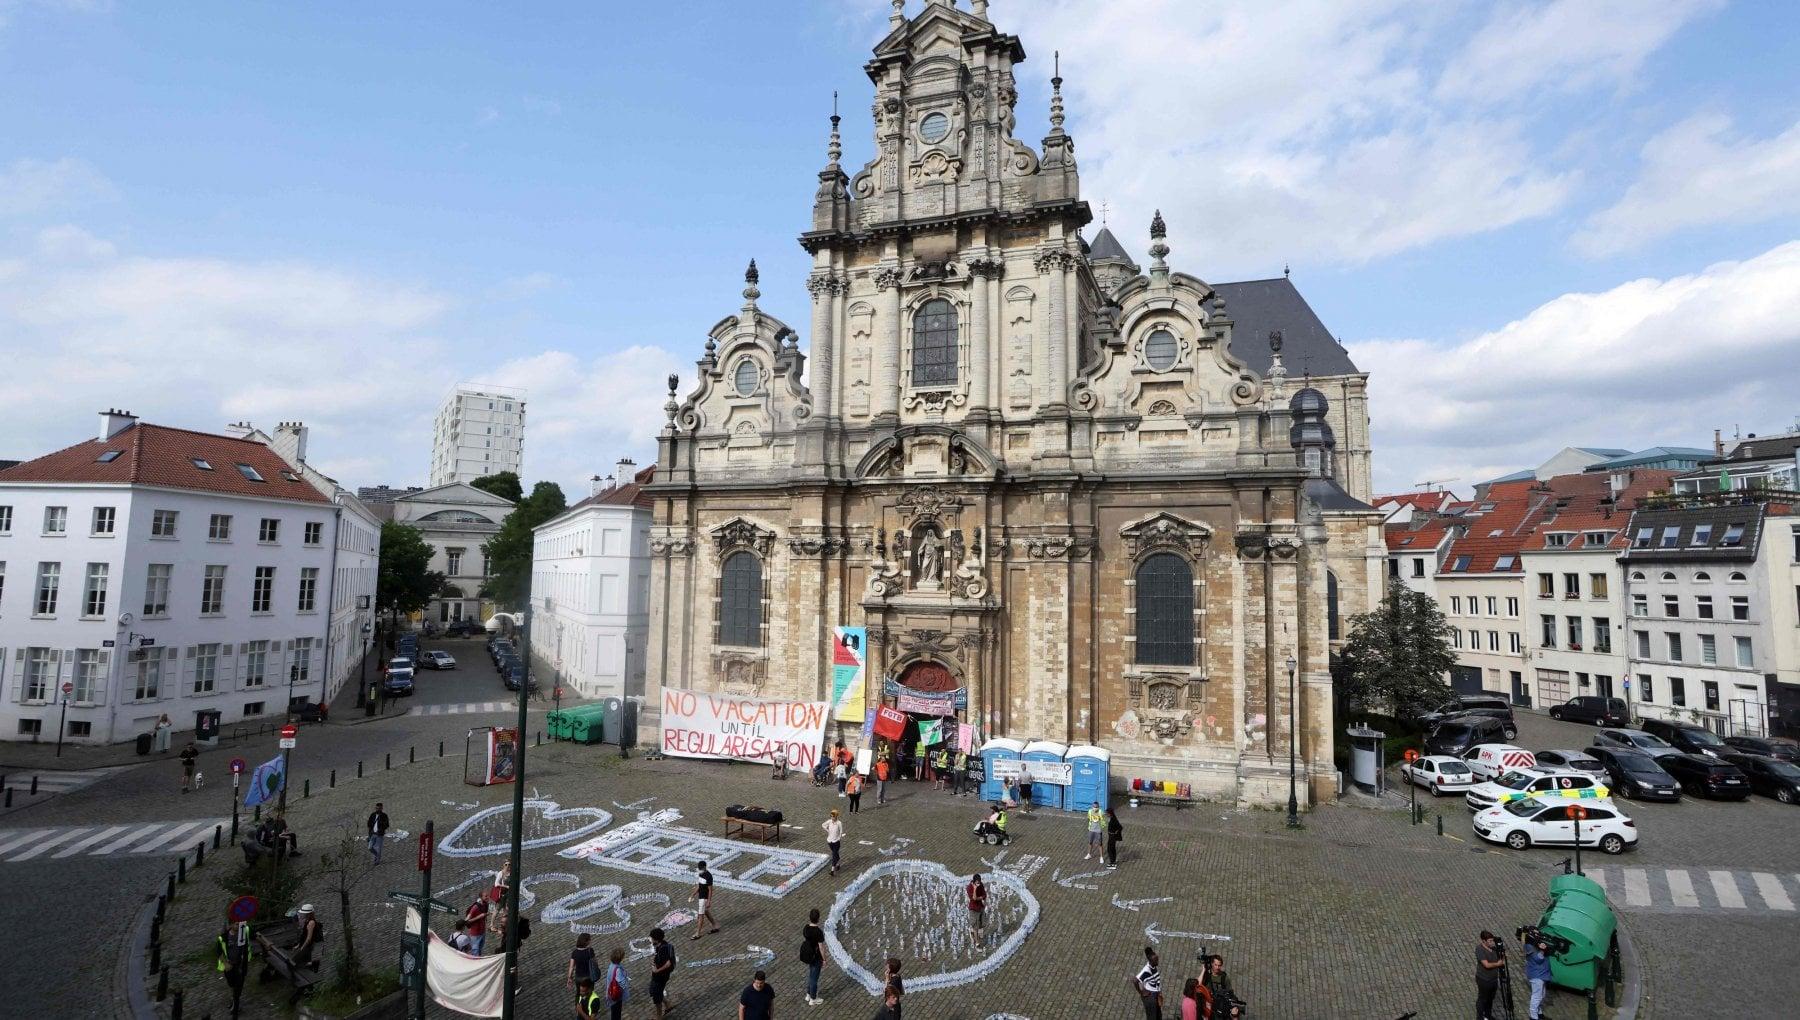 163256584 340f3000 88e1 4df9 b4f0 a6d6c0c064ea - Bruxelles, i 450 migranti irregolari barricati in chiesa diventano un caso politico